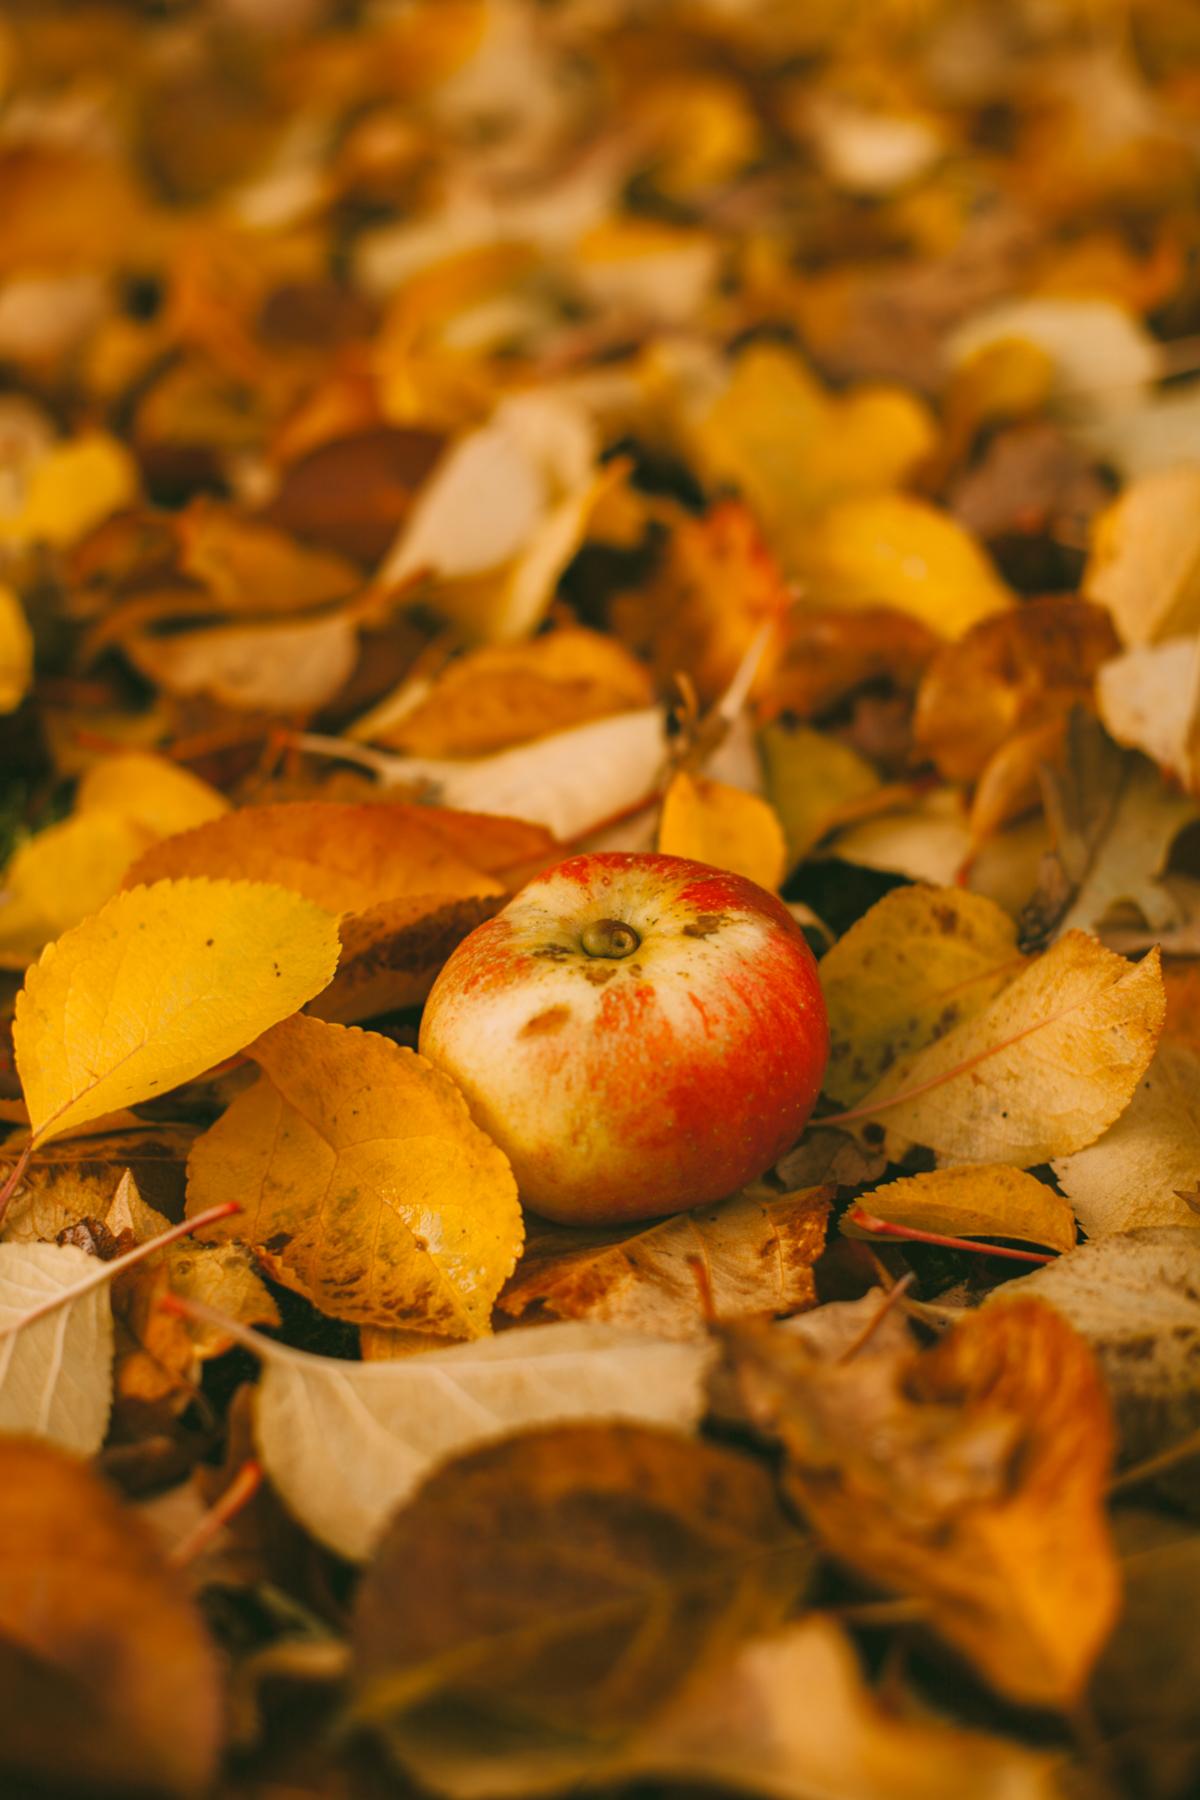 yelloworchard-7